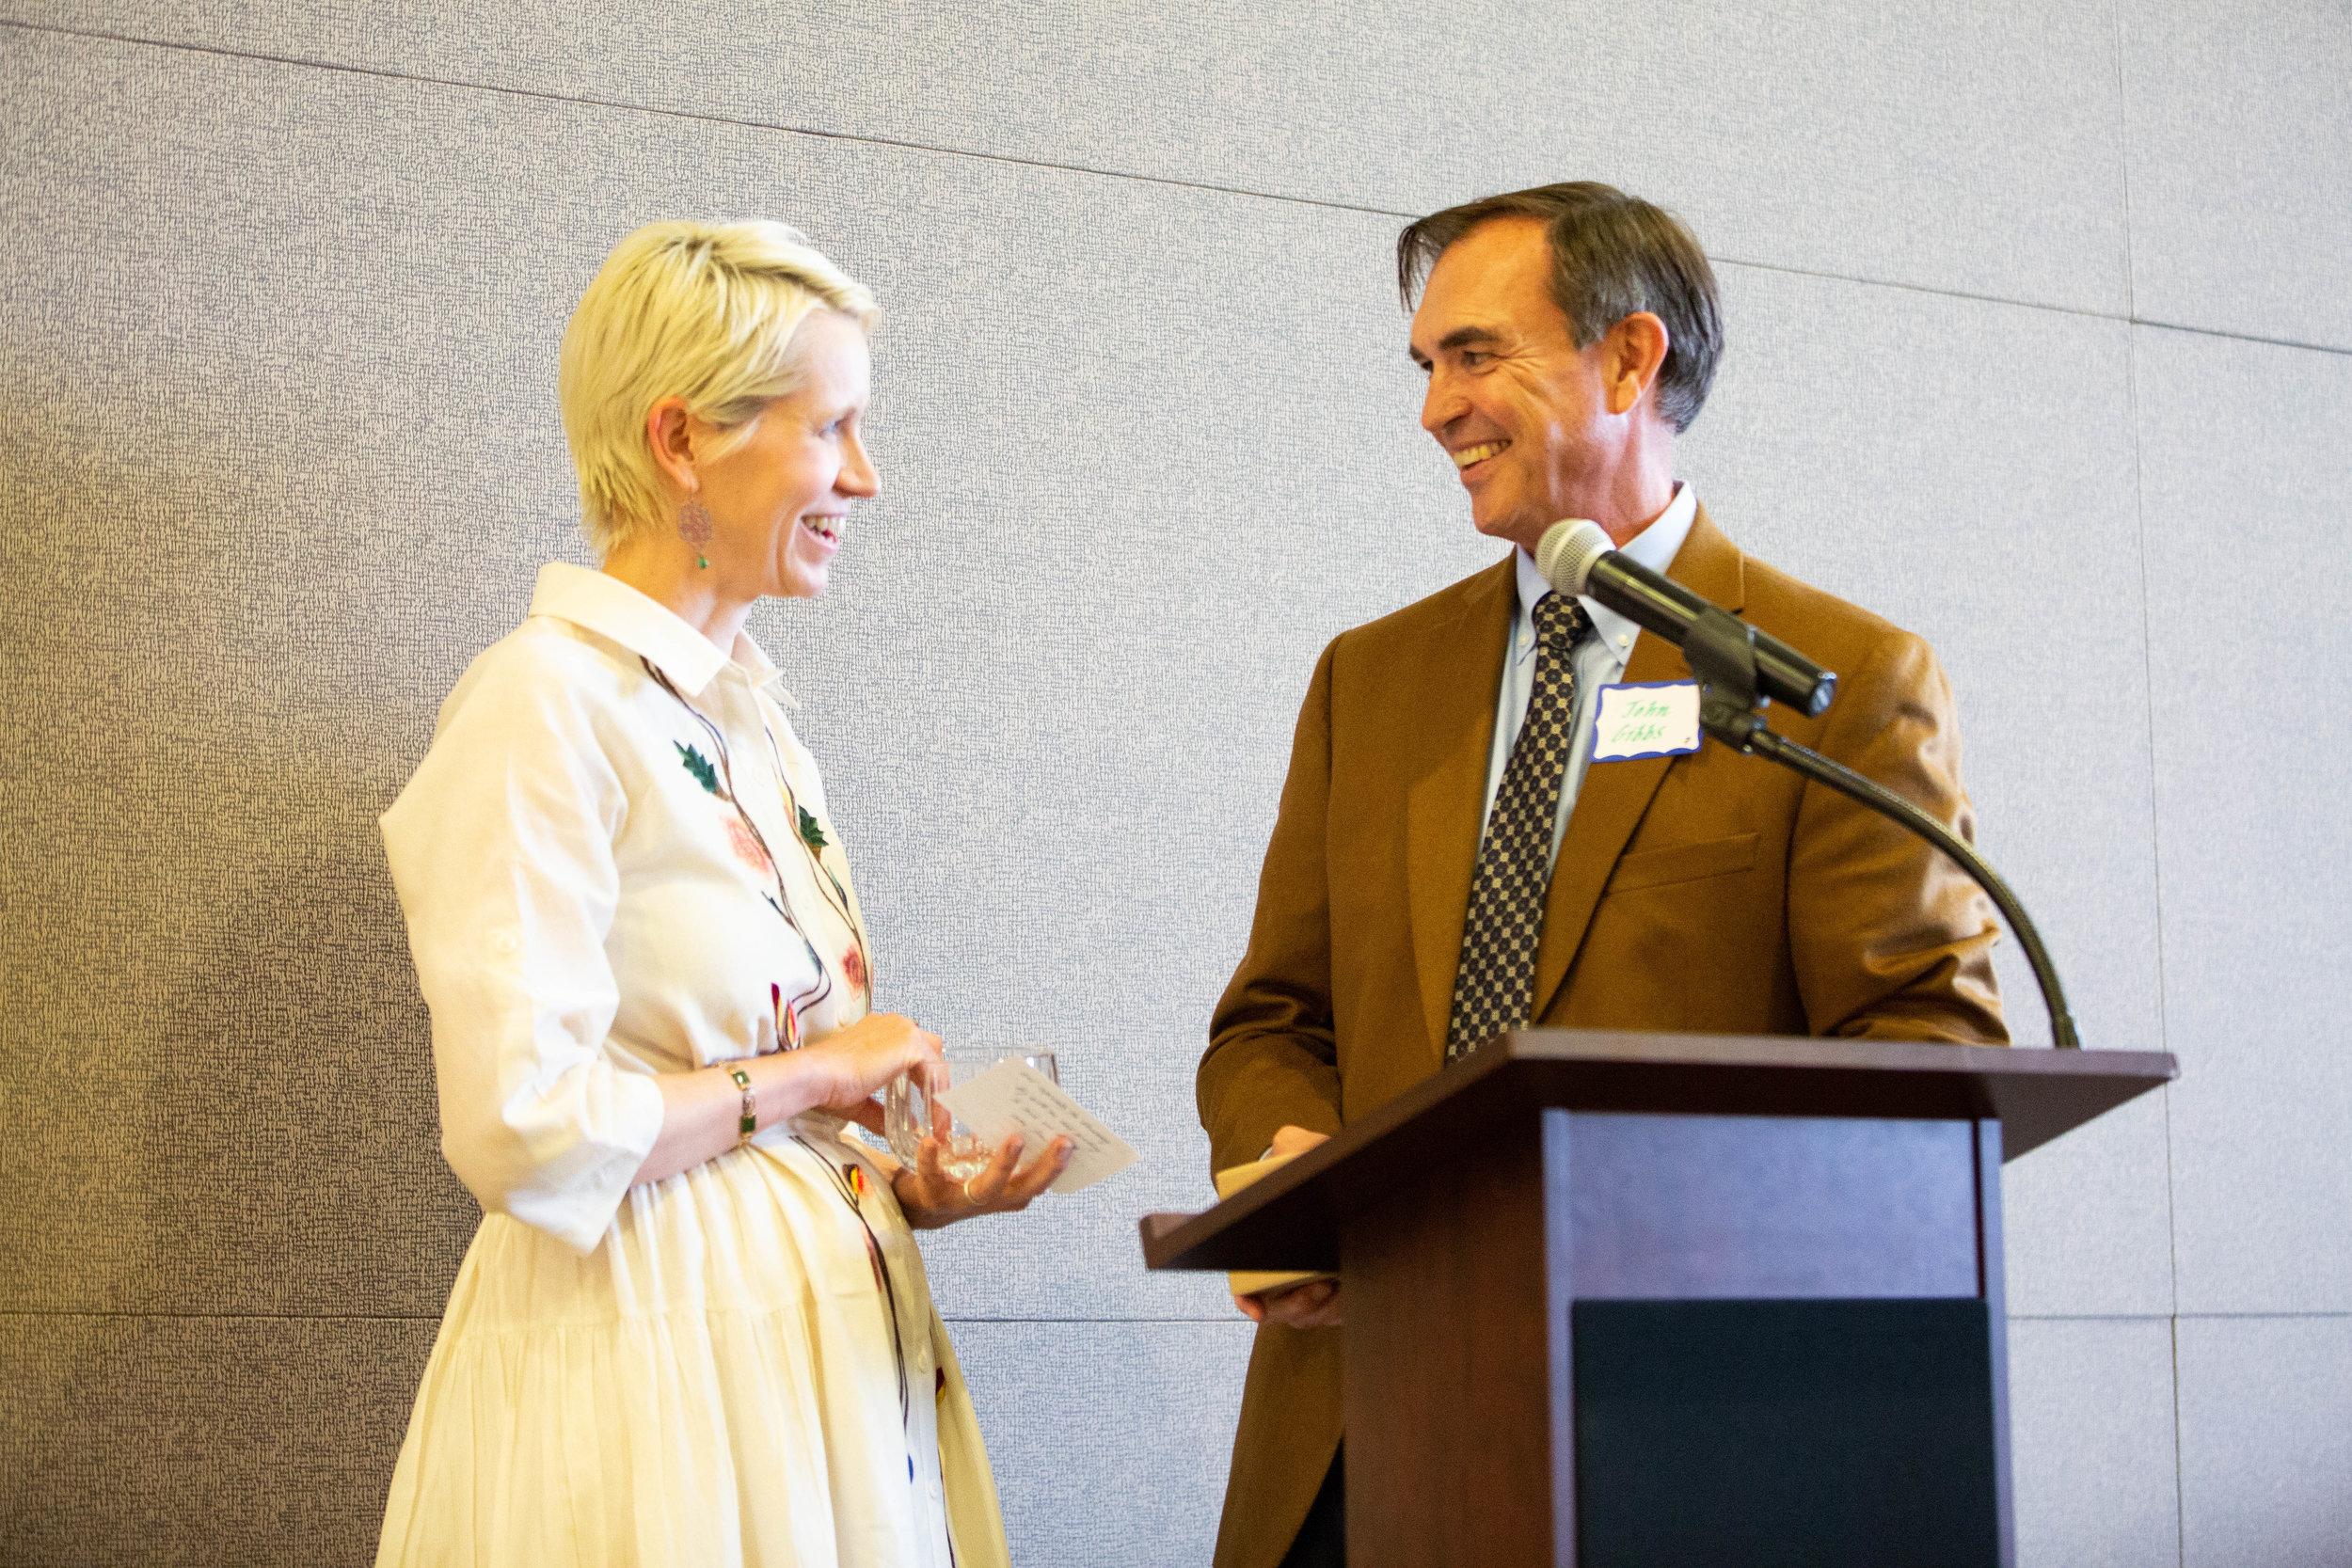 Andrea Specht and Board Member John Gibbs